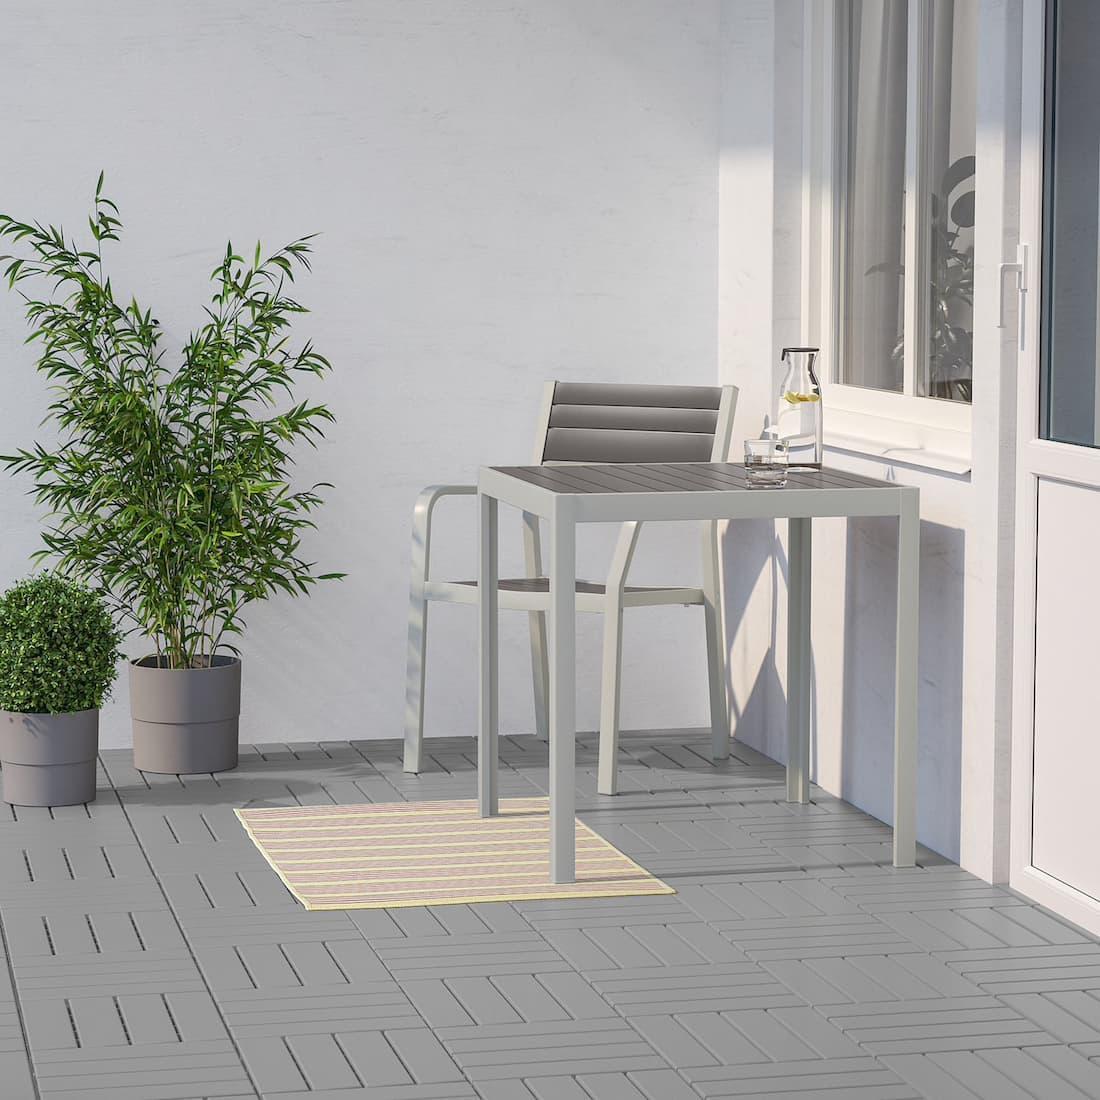 Tappeto per interni piccolo SOMMAR 2020 - Design e foto by Ikea